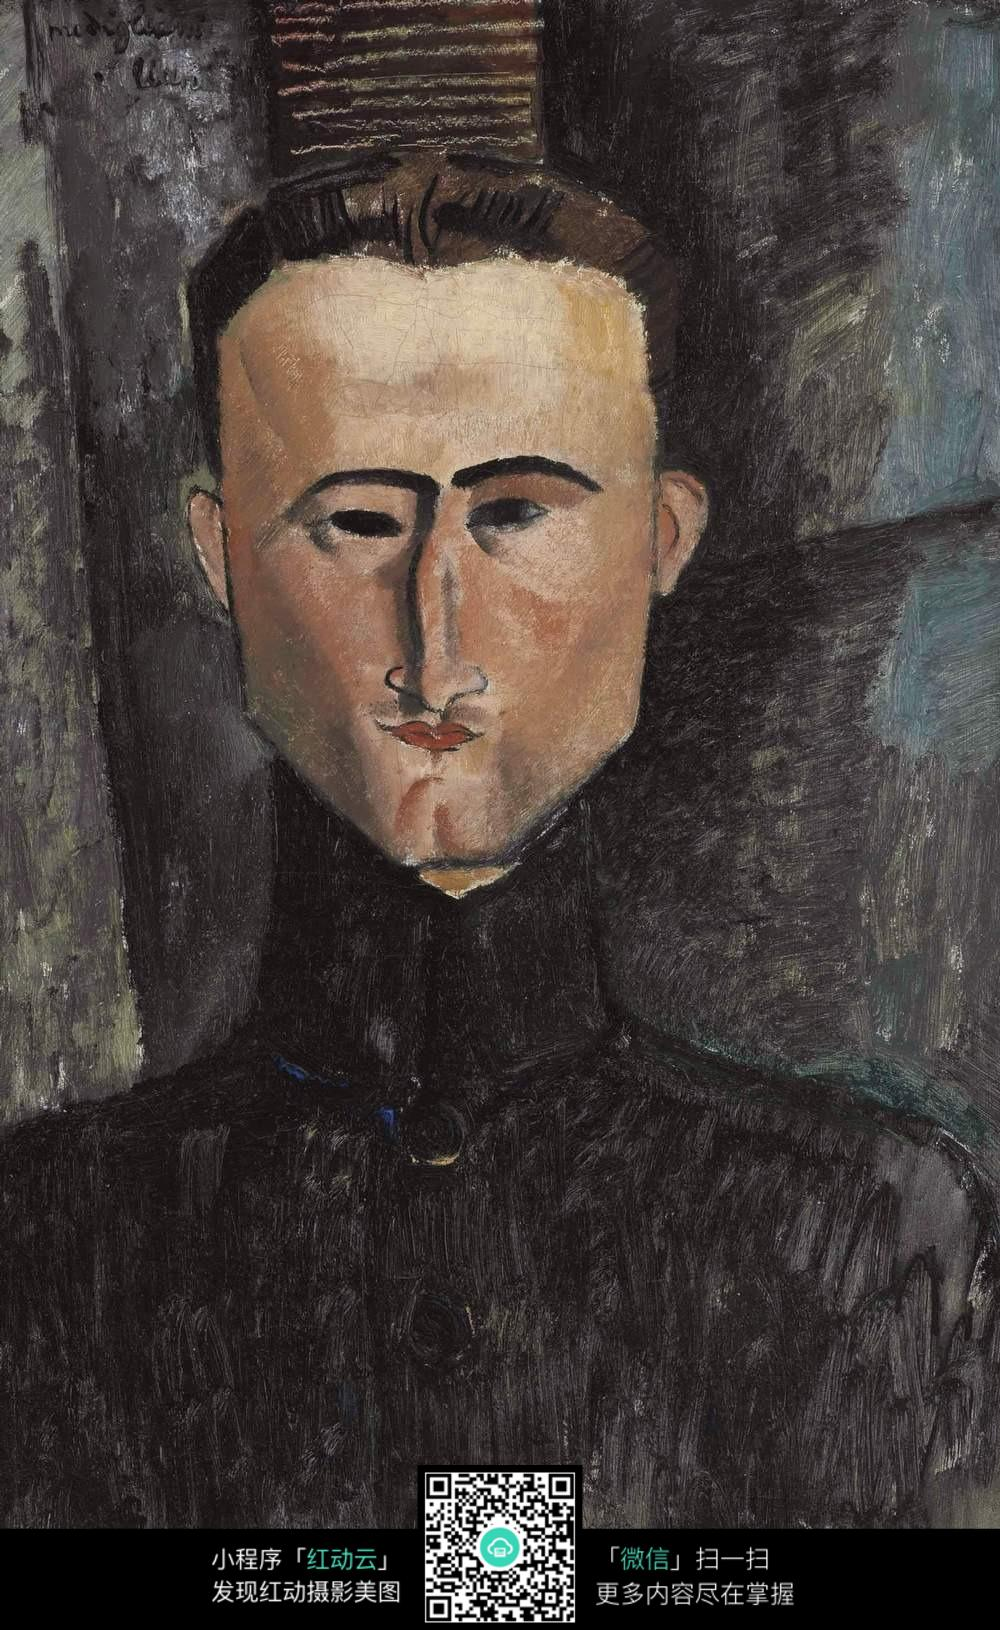 男人人物肖像画